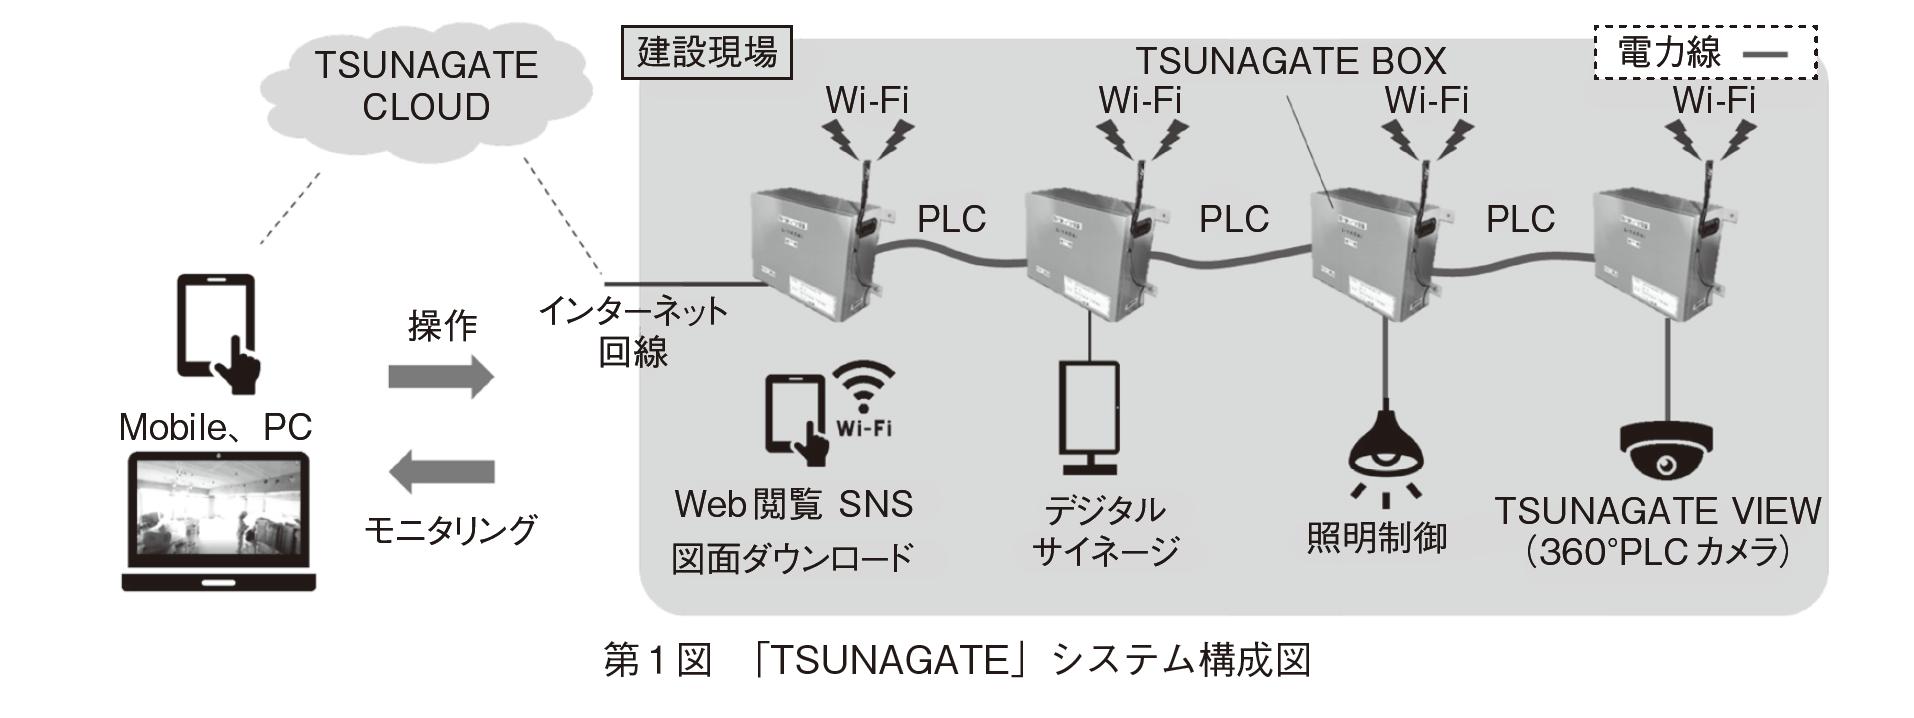 【竹中工務店】 IoT化するプラットフォーム 「TSUNAGATETM」を開発の画像